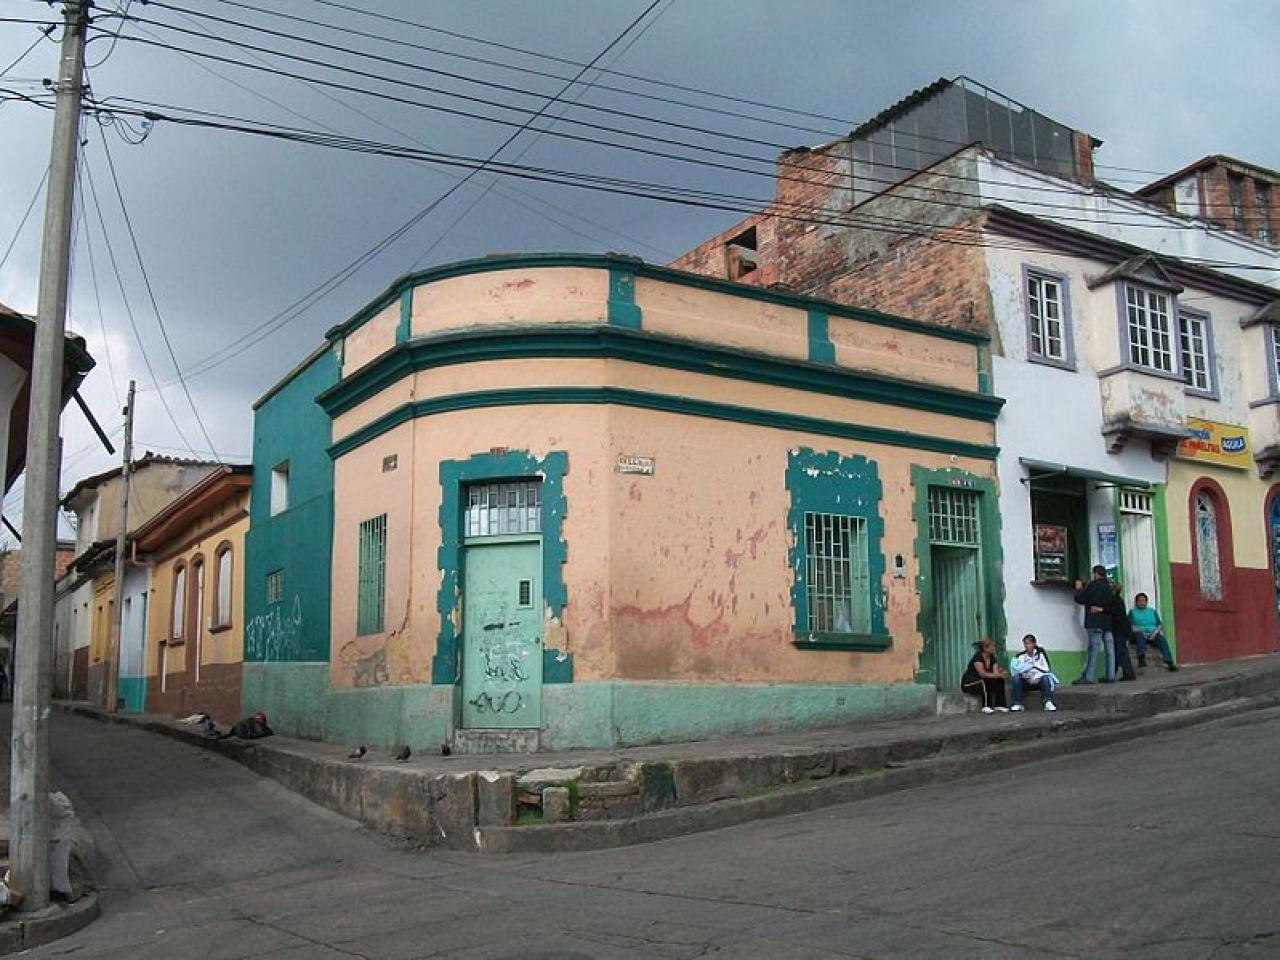 El barrio de los perseverantes invadido por la delincuencia